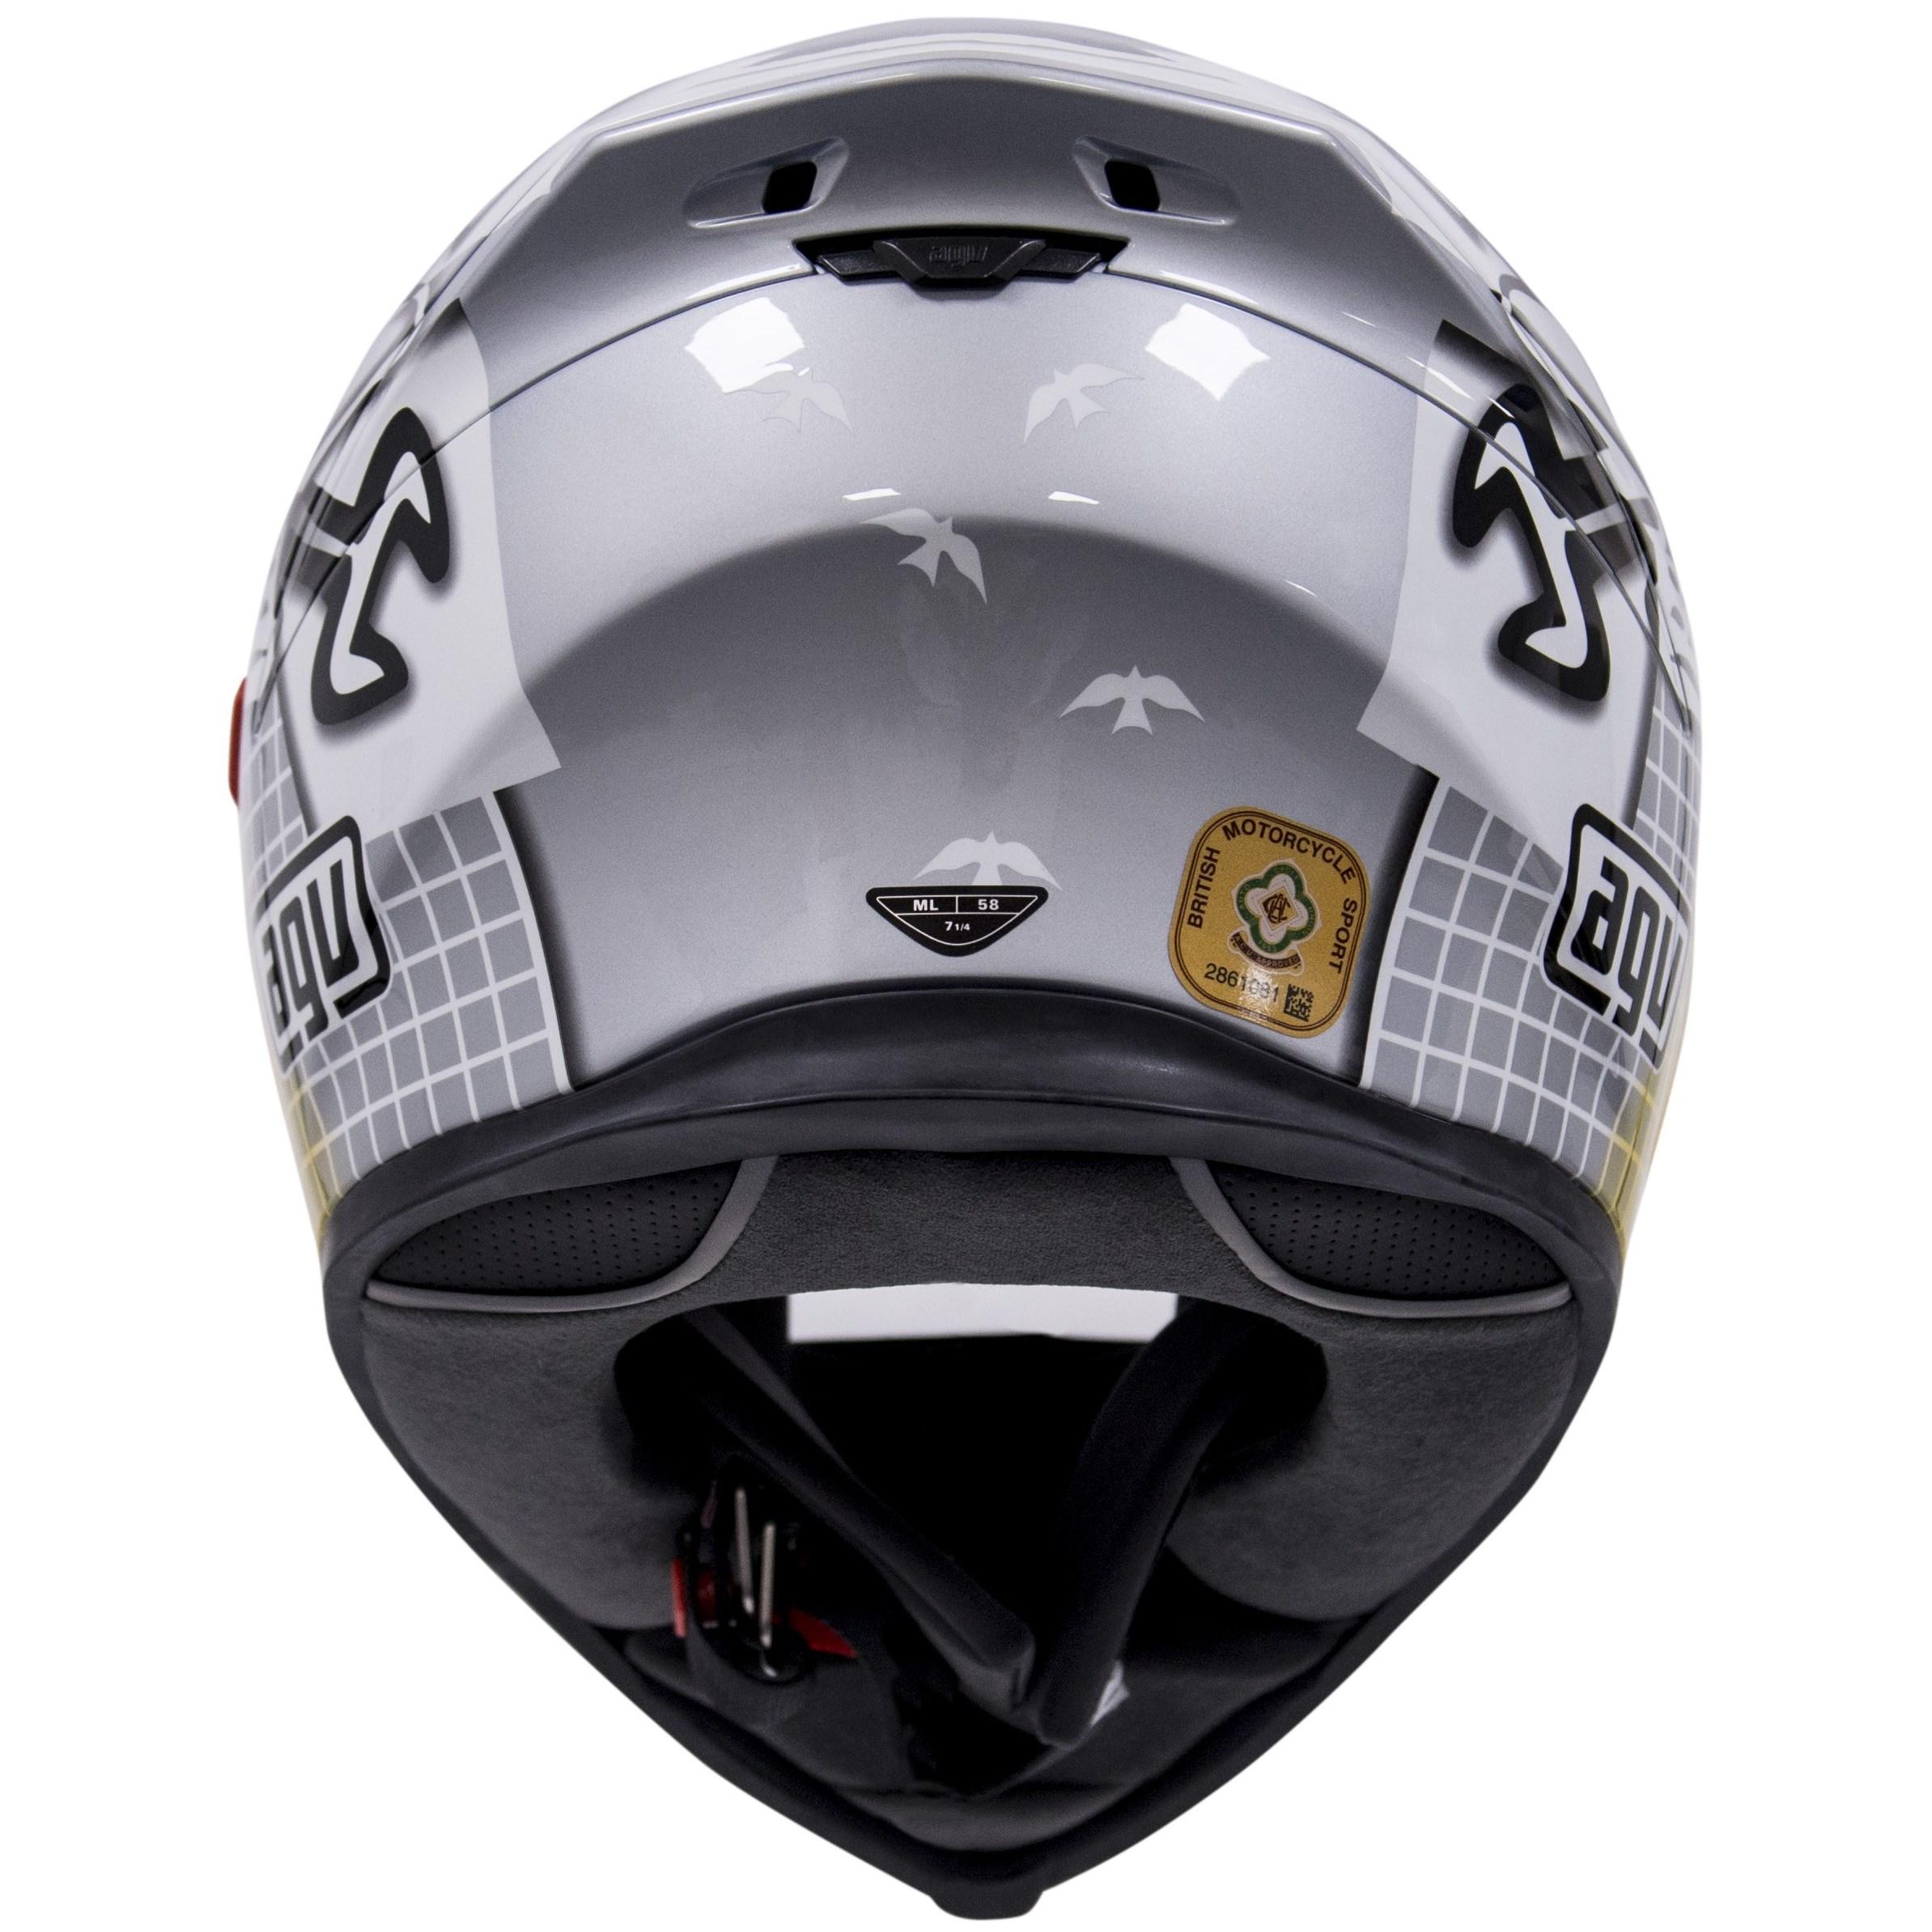 New - AGV New 2015 K-5 Full Face Motorcycle Helmet - Guy